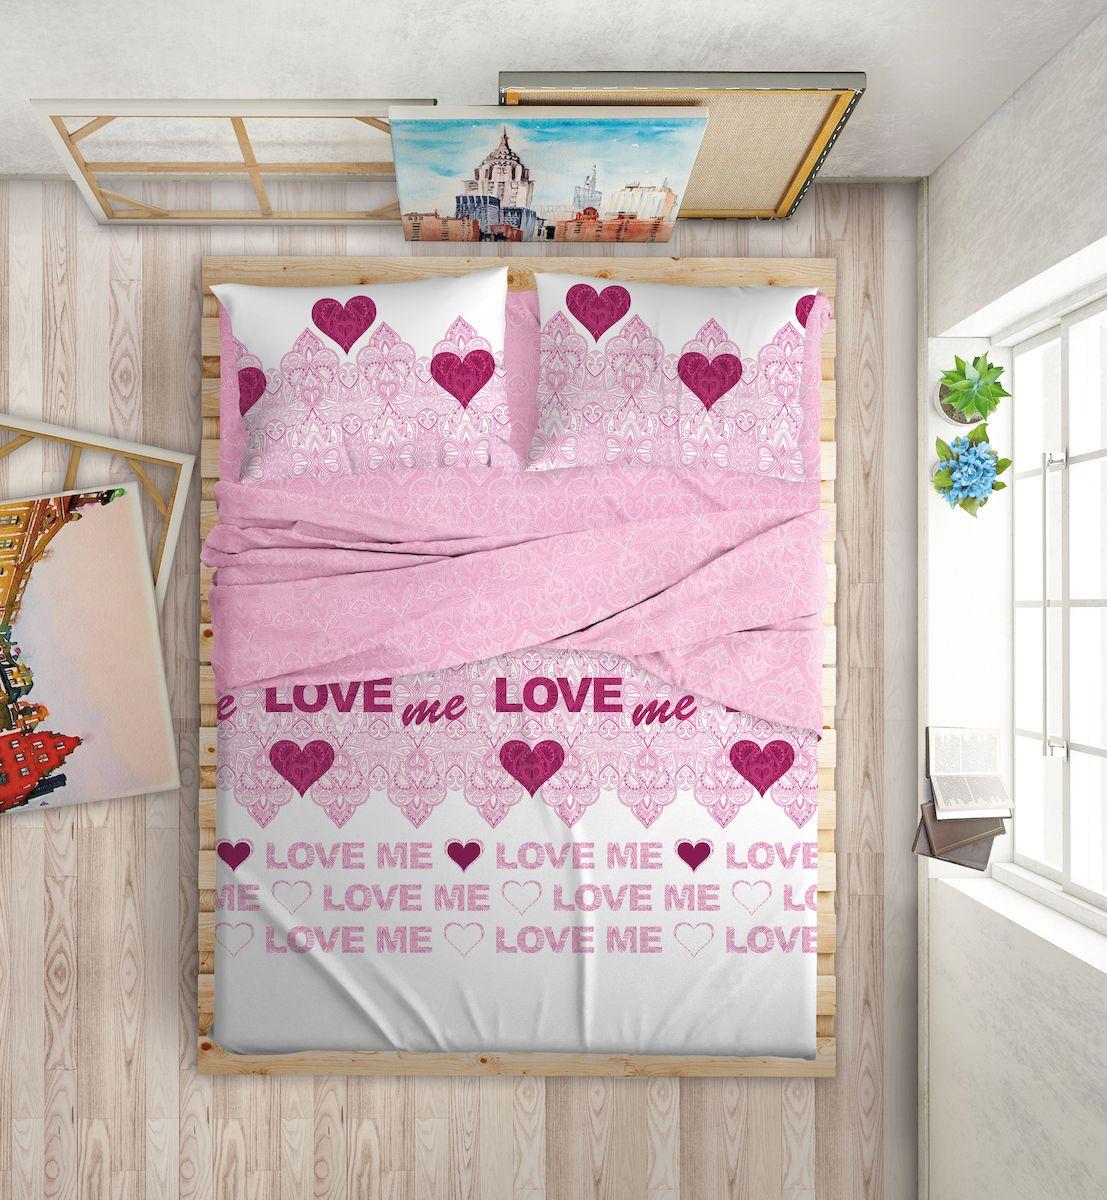 Комплект белья Love Me, 2-спальный, наволочки 50х70, 70х70, цвет: белый, розовый80621Международный бренд для молодых, современных, стильных. Love Me - бренд качественного постельного белья, для молодых людей, создающий ощущение комфорта, защищенности и уюта. При этом - модный, современный, стильный.